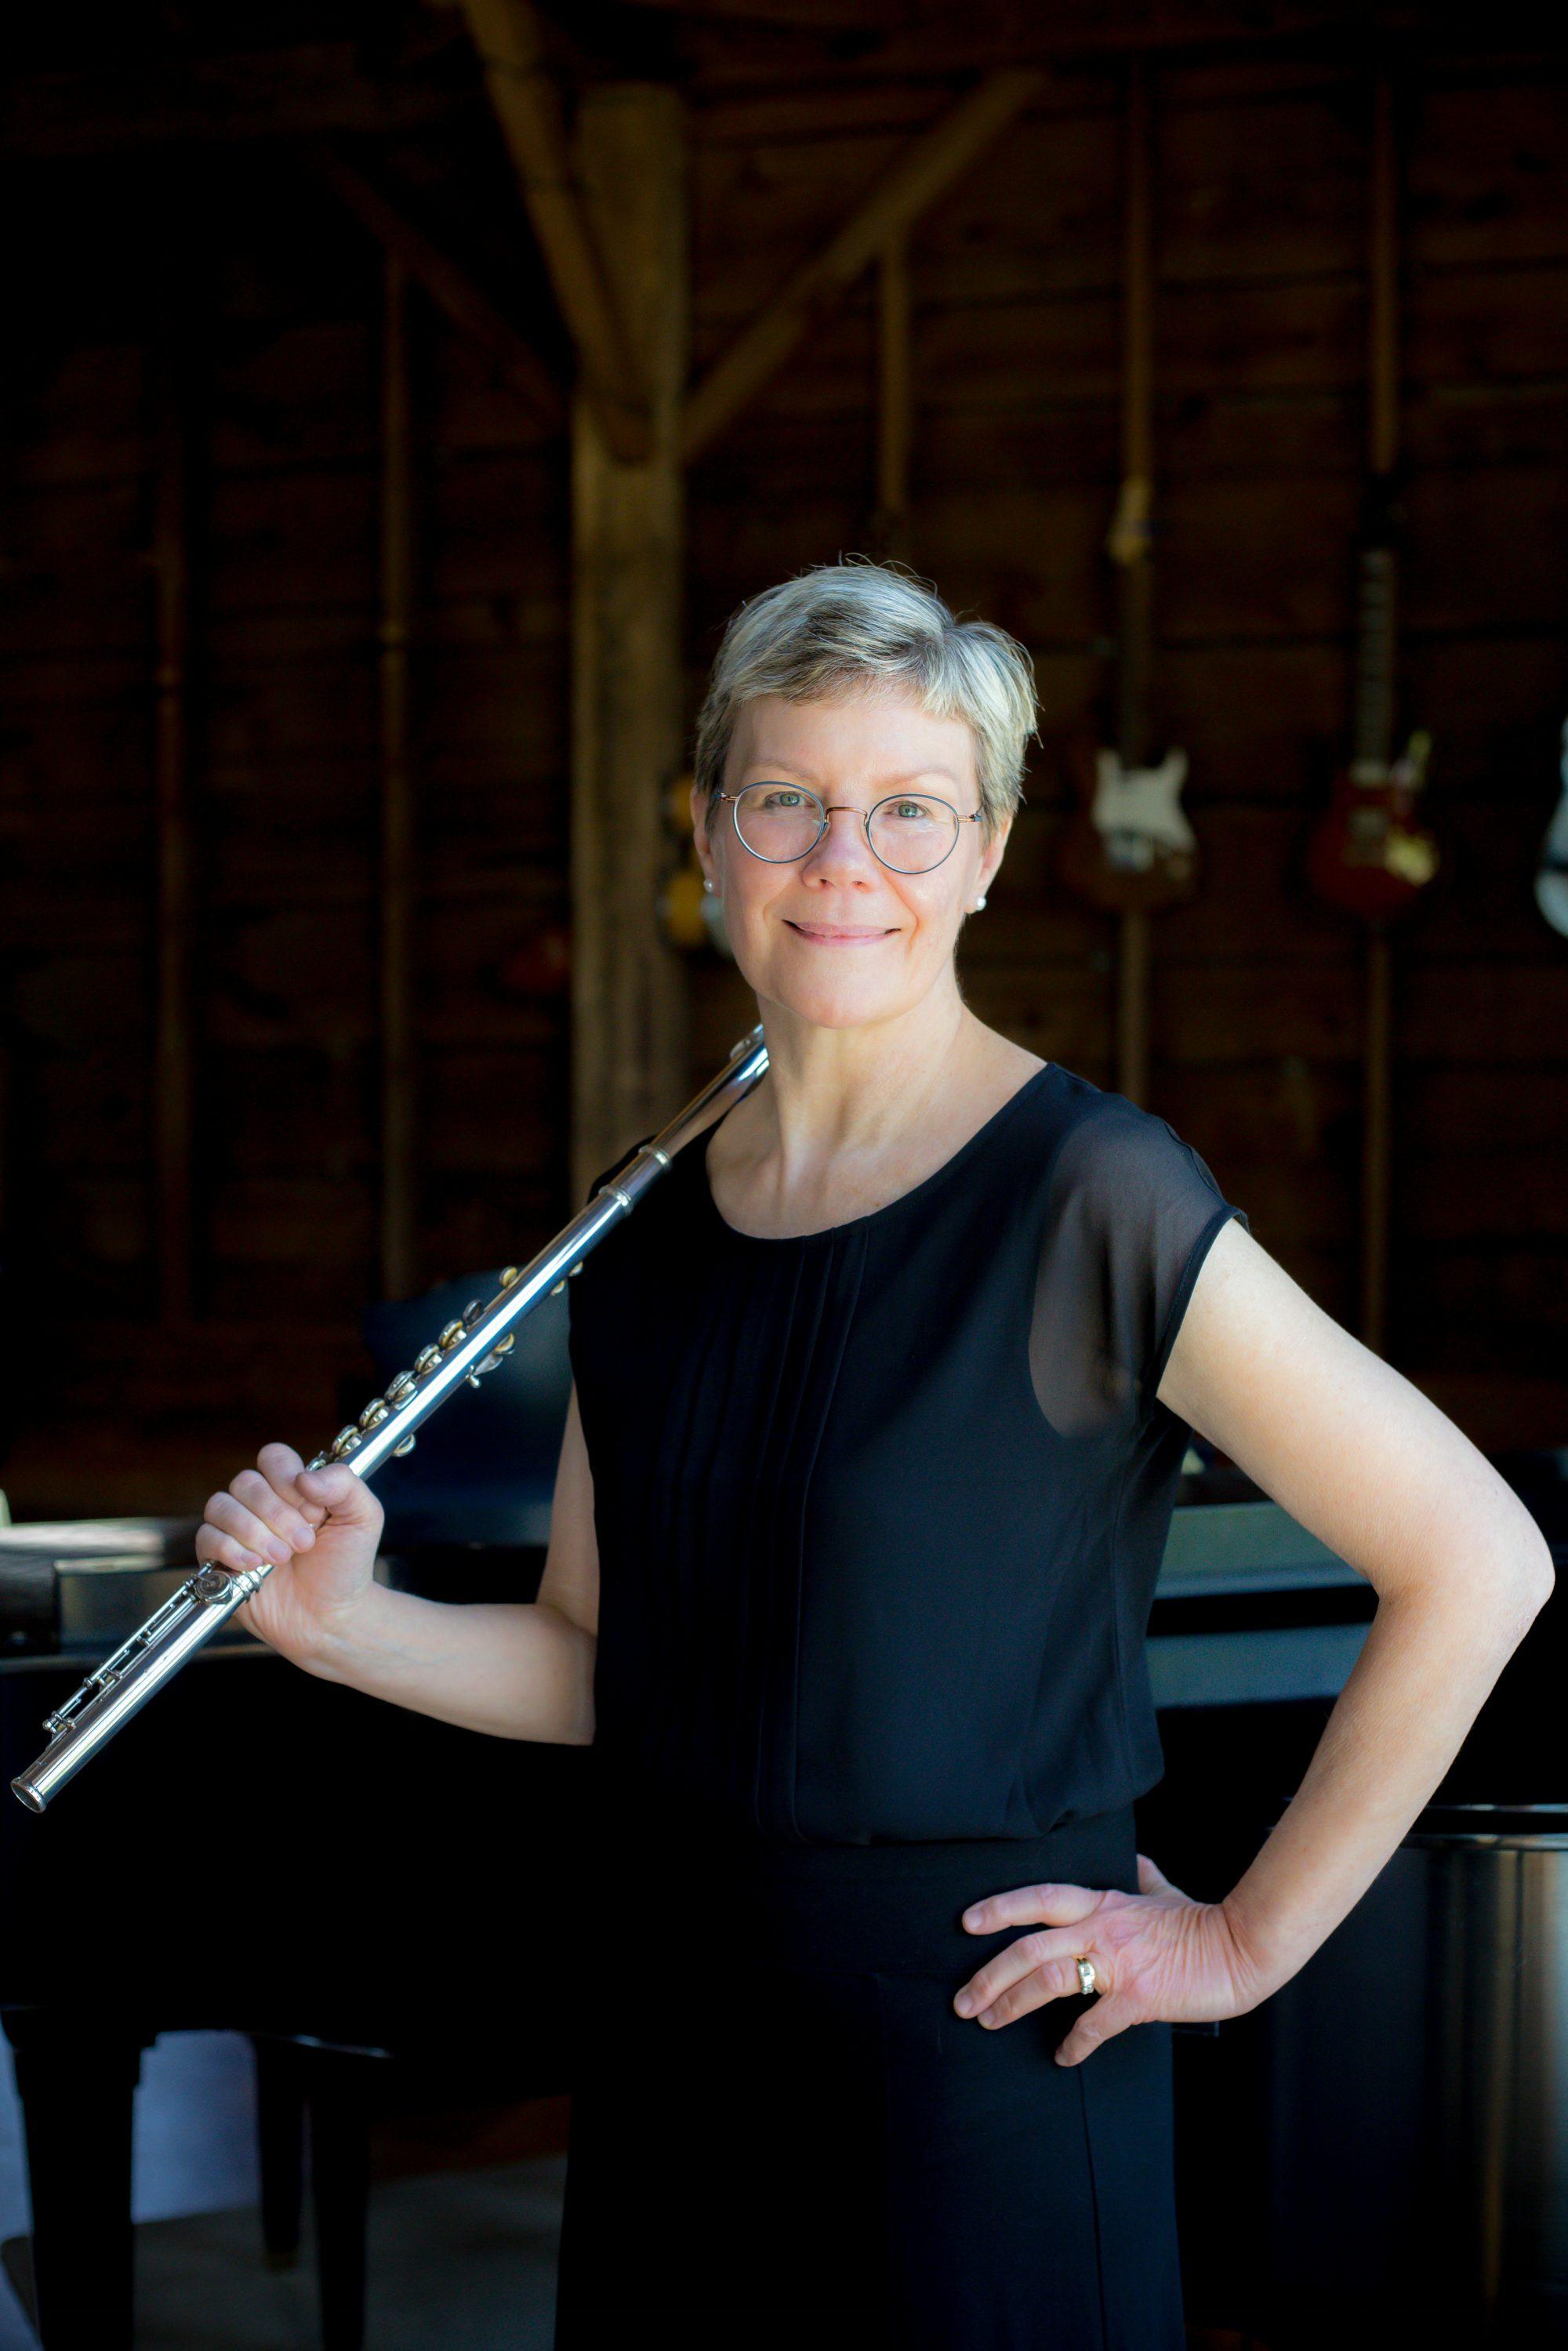 Leslie Stroud